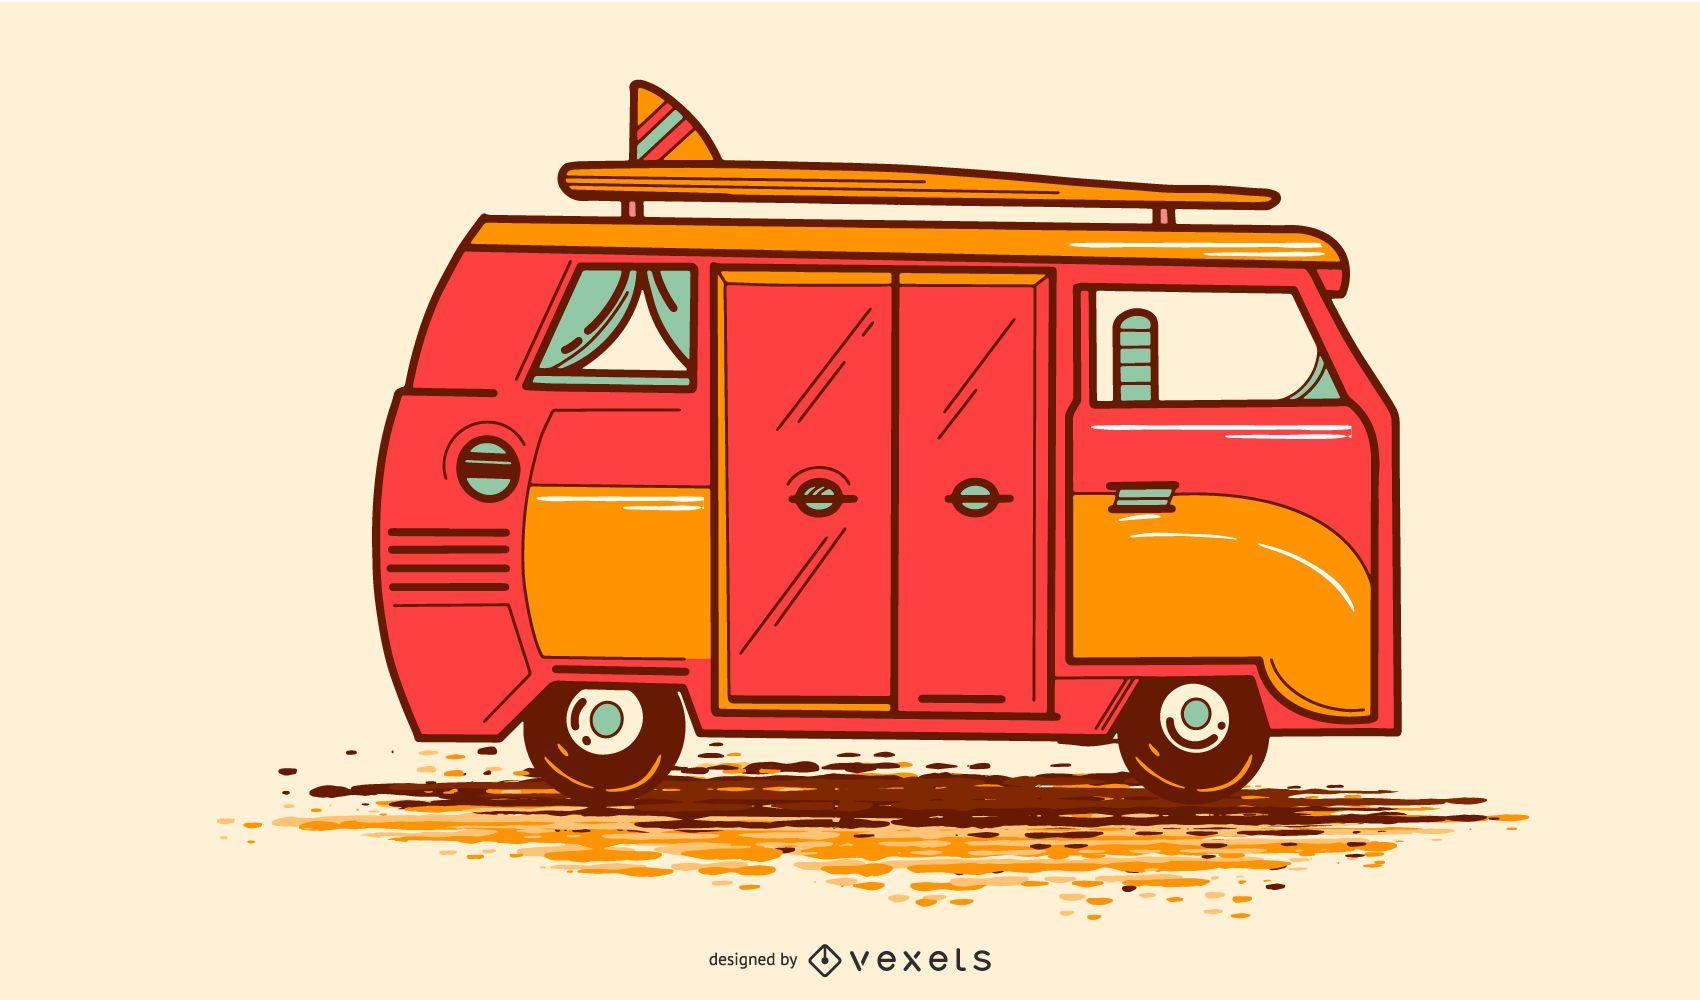 VW Camper Illustration Design